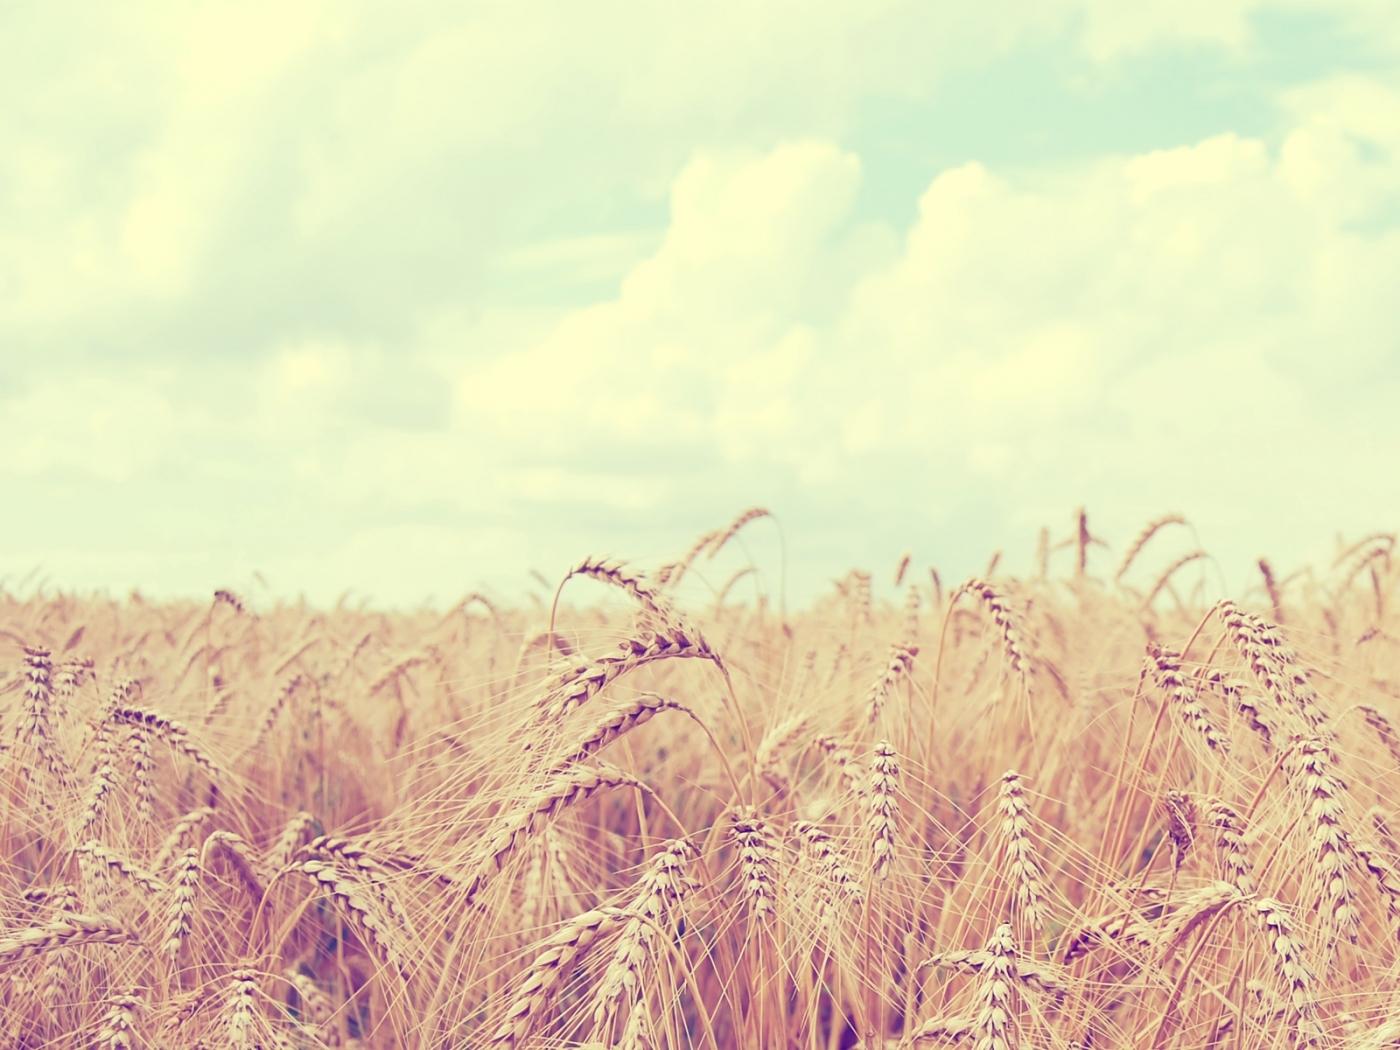 46332 скачать обои Пейзаж, Природа, Поля, Пшеница - заставки и картинки бесплатно